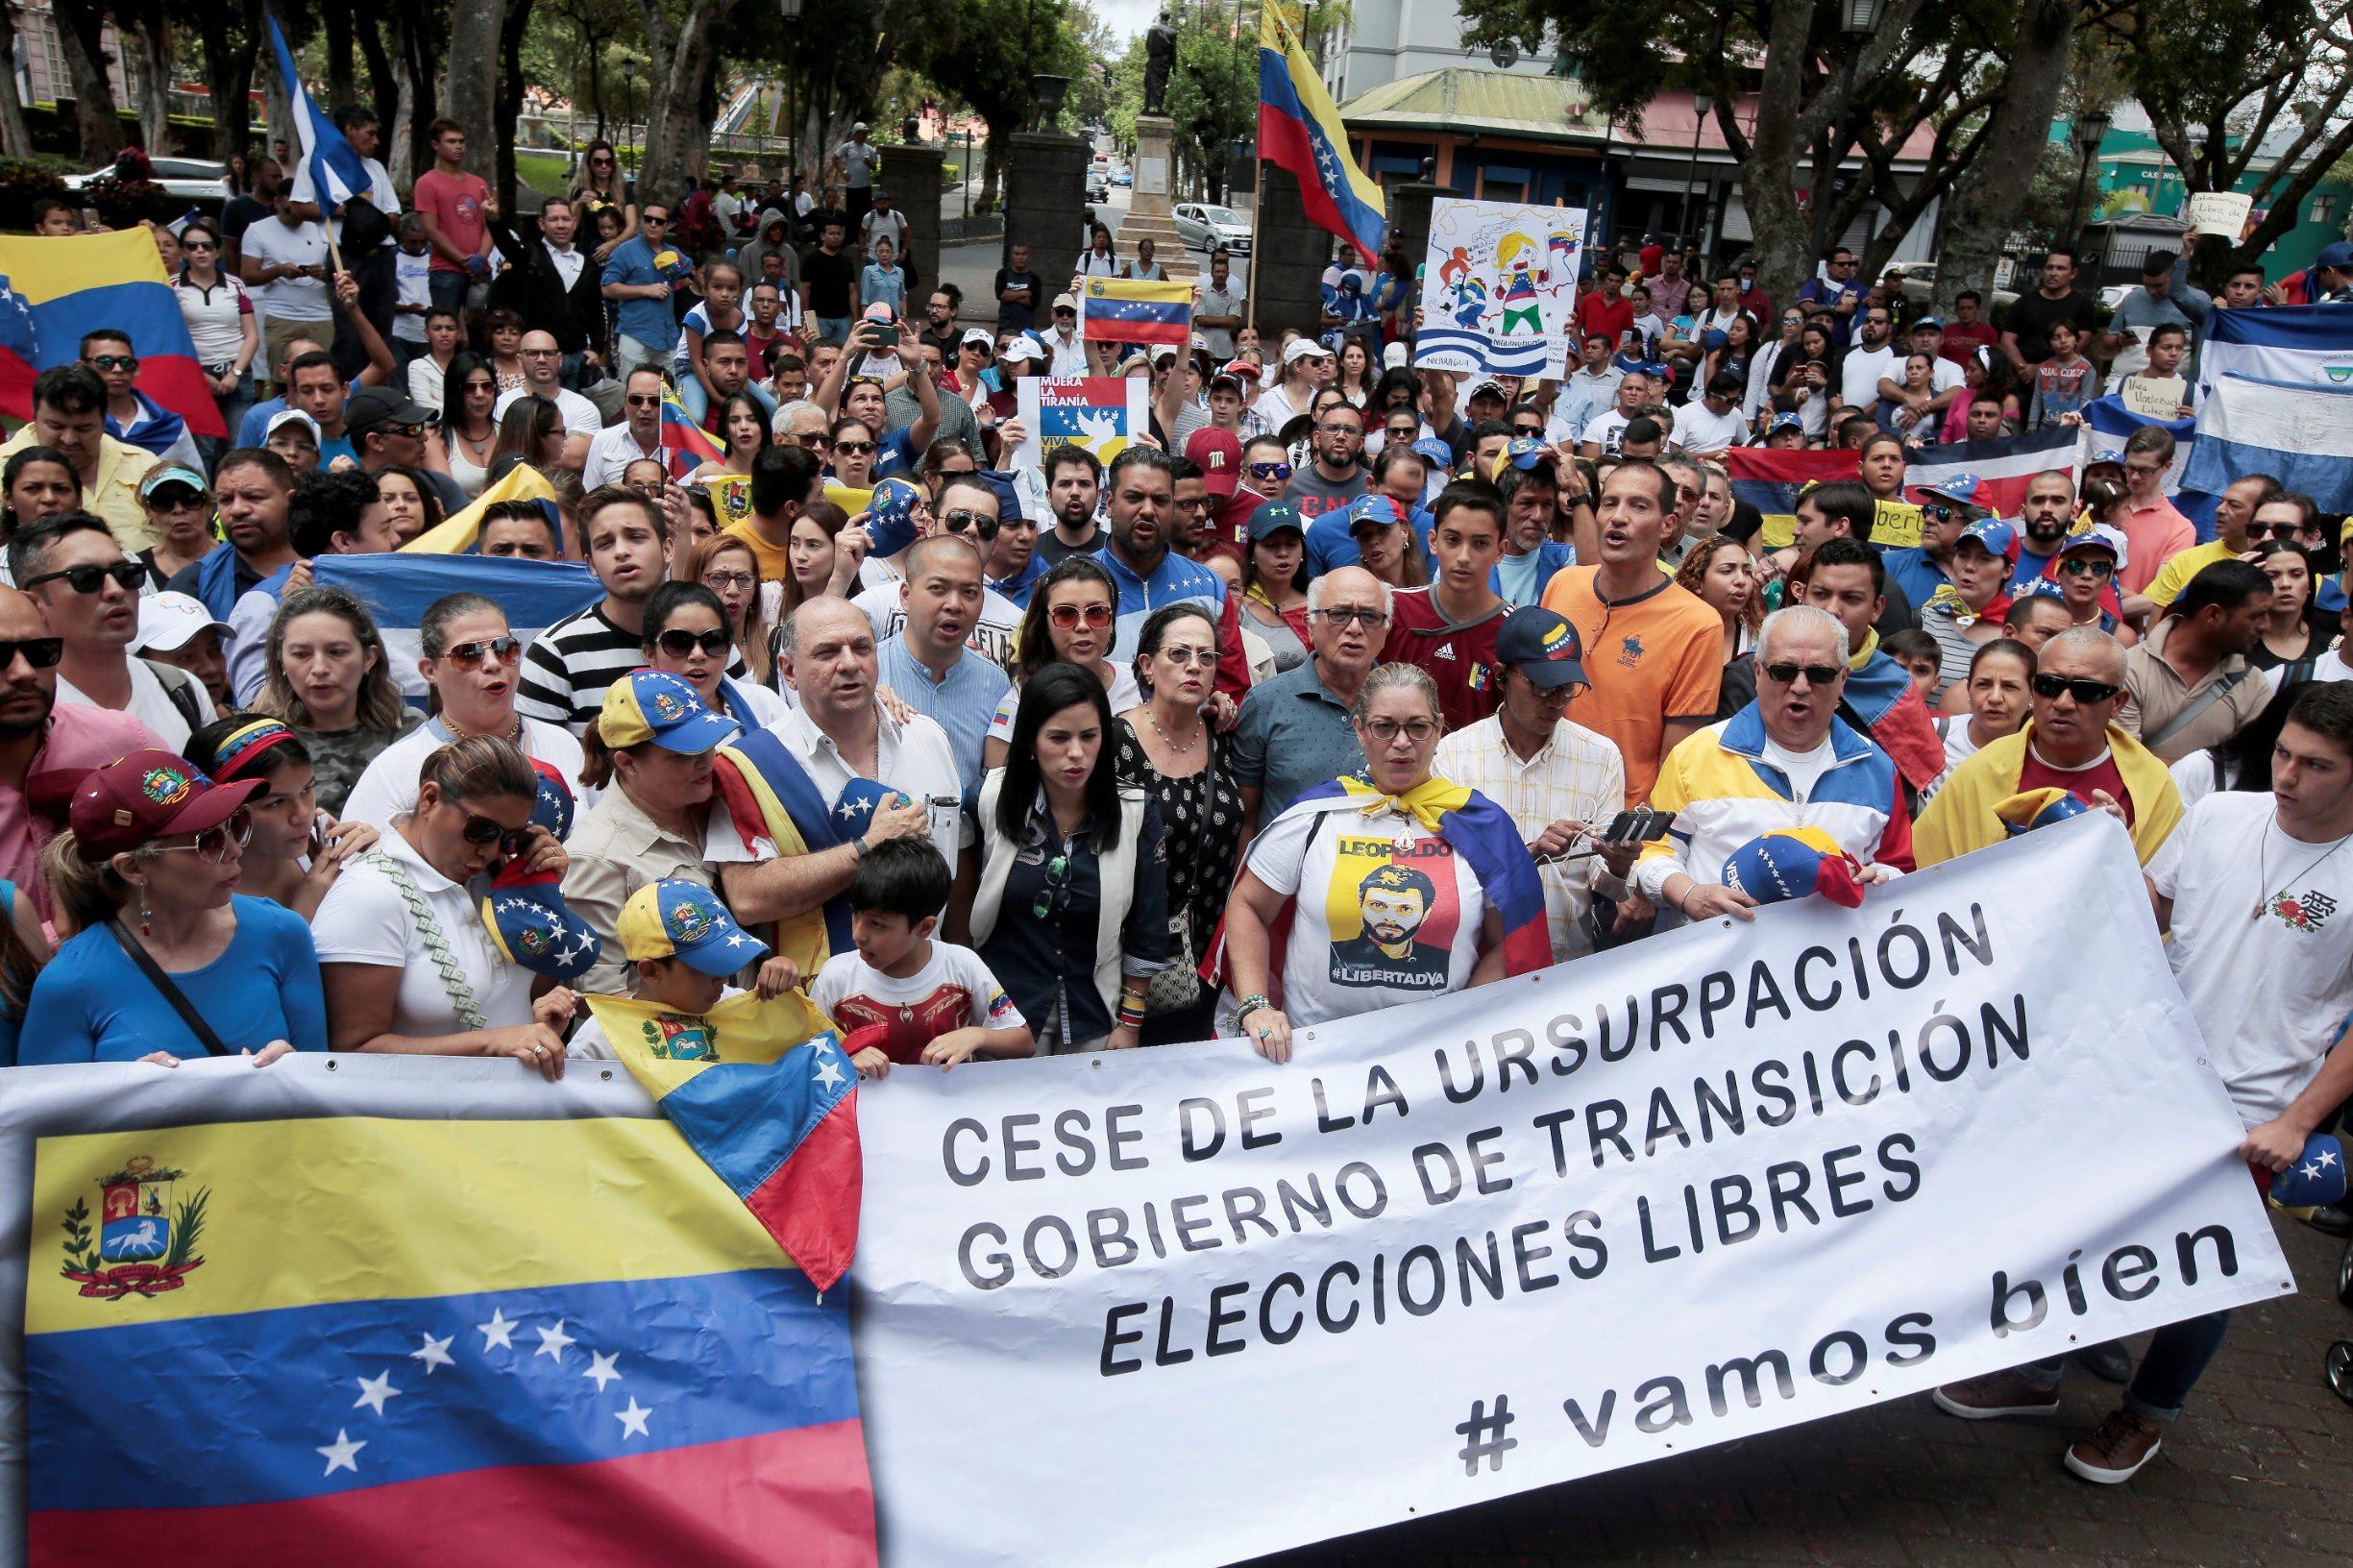 2019-05-01T202928Z_146053706_RC1E1E6409C0_RTRMADP_3_VENEZUELA-POLITICS-COSTARICA